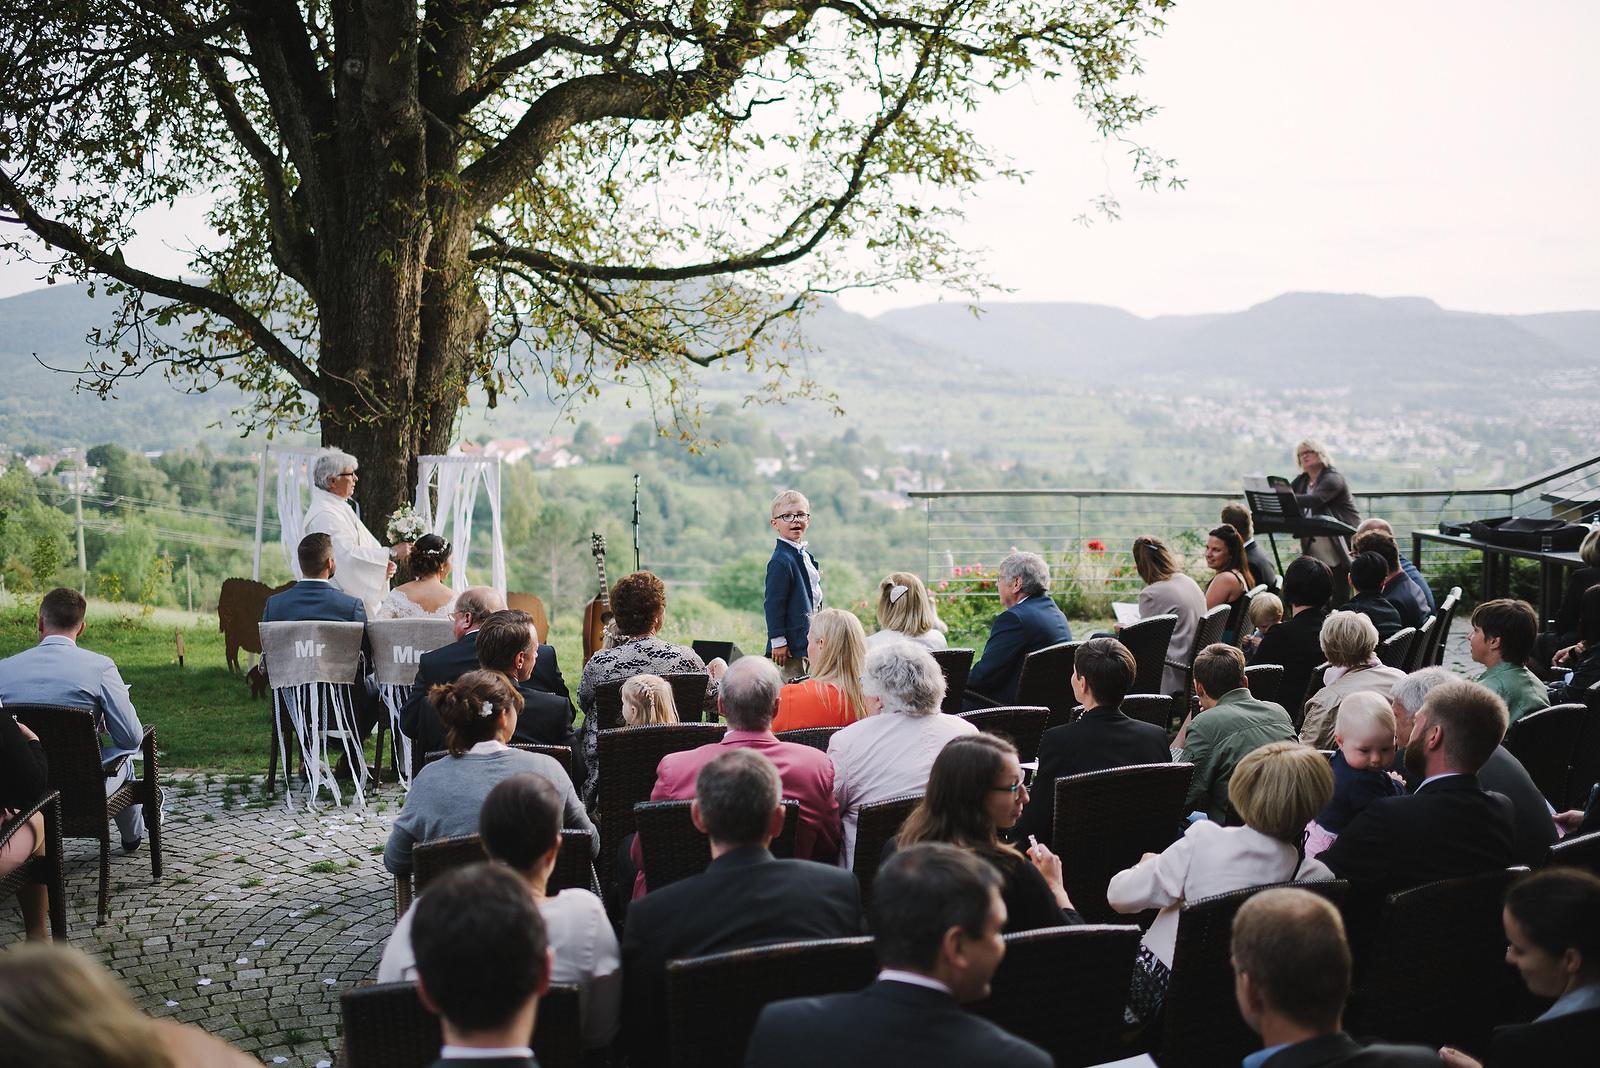 Fotograf Konstanz - Hochzeitsfotograf Reutlingen Achalm Hochzeit EFP 61 - Documentary wedding story on the Achalm, Reutlingen  - 49 -